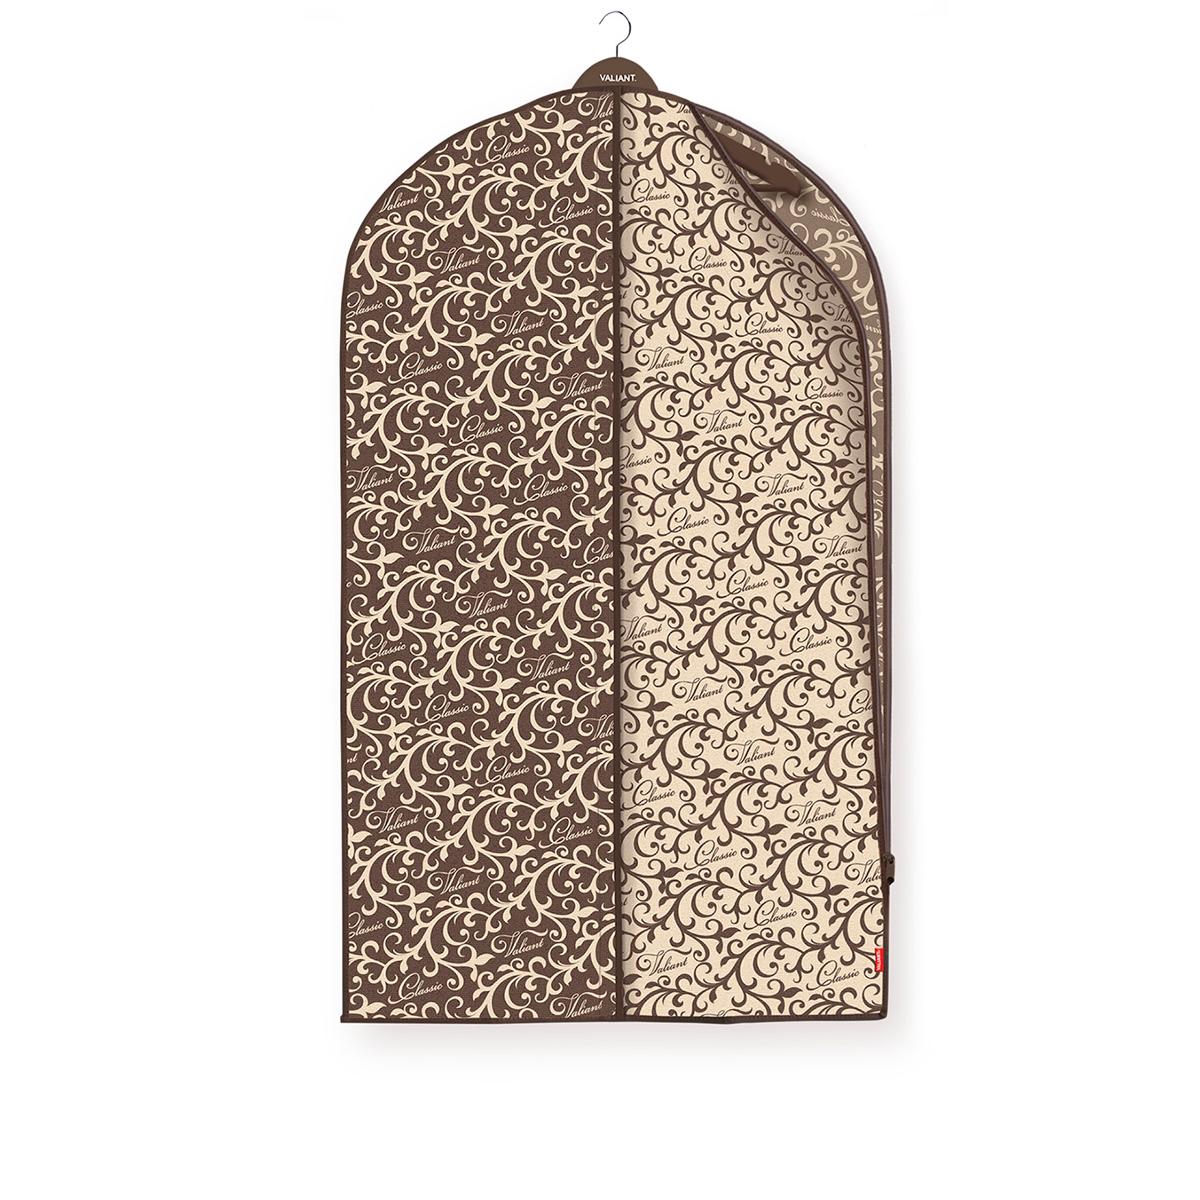 Чехол для одежды Valiant Classic, 60 х 100 см531-401Чехол для одежды Valiant Classic изготовлен из высококачественного нетканого материала, который обеспечивает естественную вентиляцию, позволяя воздуху проникать внутрь, но не пропуская пыль. Чехол очень удобен в использовании. Чехол легко открывается и закрывается застежкой-молнией. Идеально подойдет для транспортировки и хранения одежды. Системы хранения в едином дизайне сделают вашу гардеробную красивой и невероятно стильной.